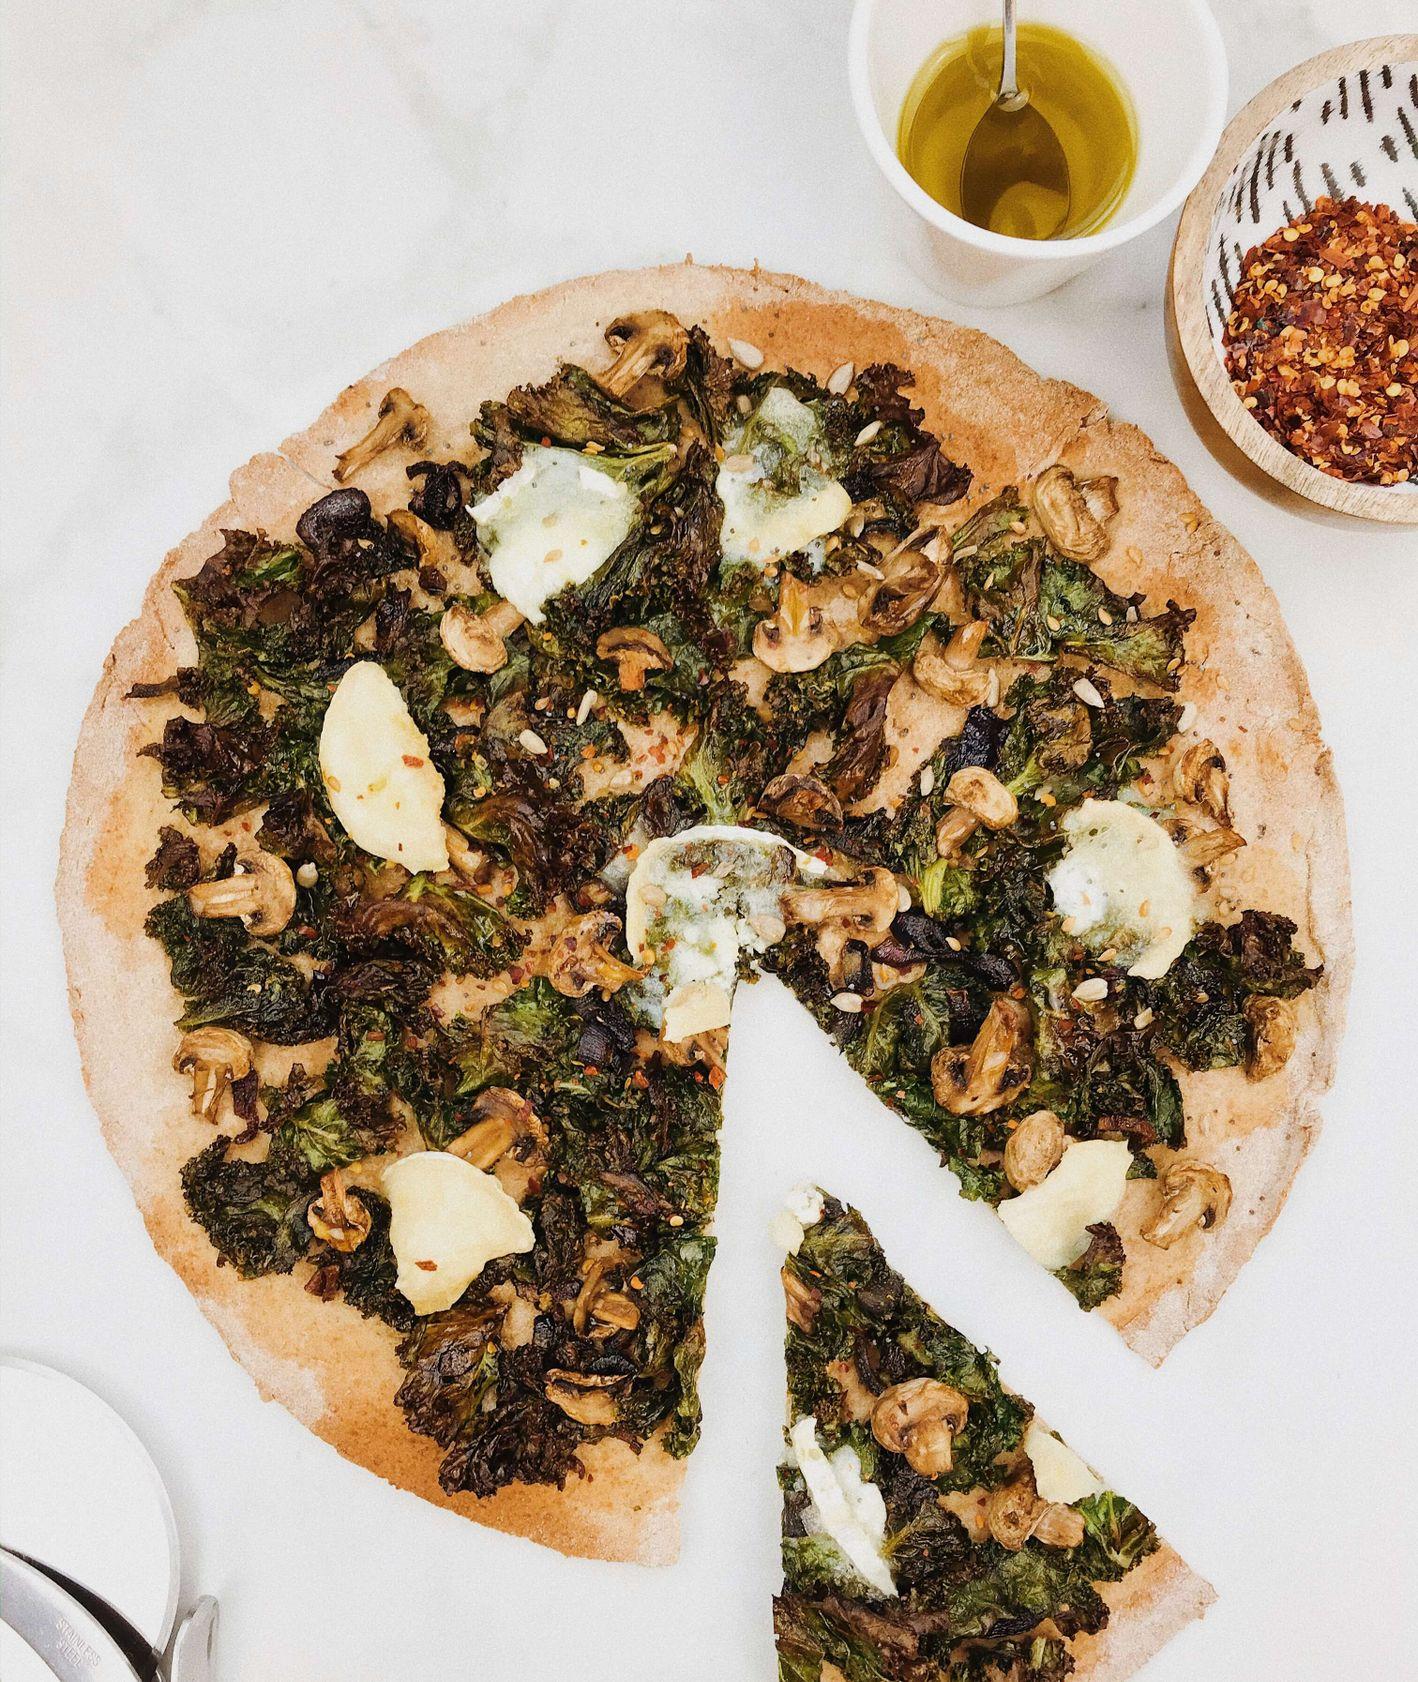 Domowa pizza z jarmużem i kozim serem, przepis Izabela Heftowicz / PassionOn